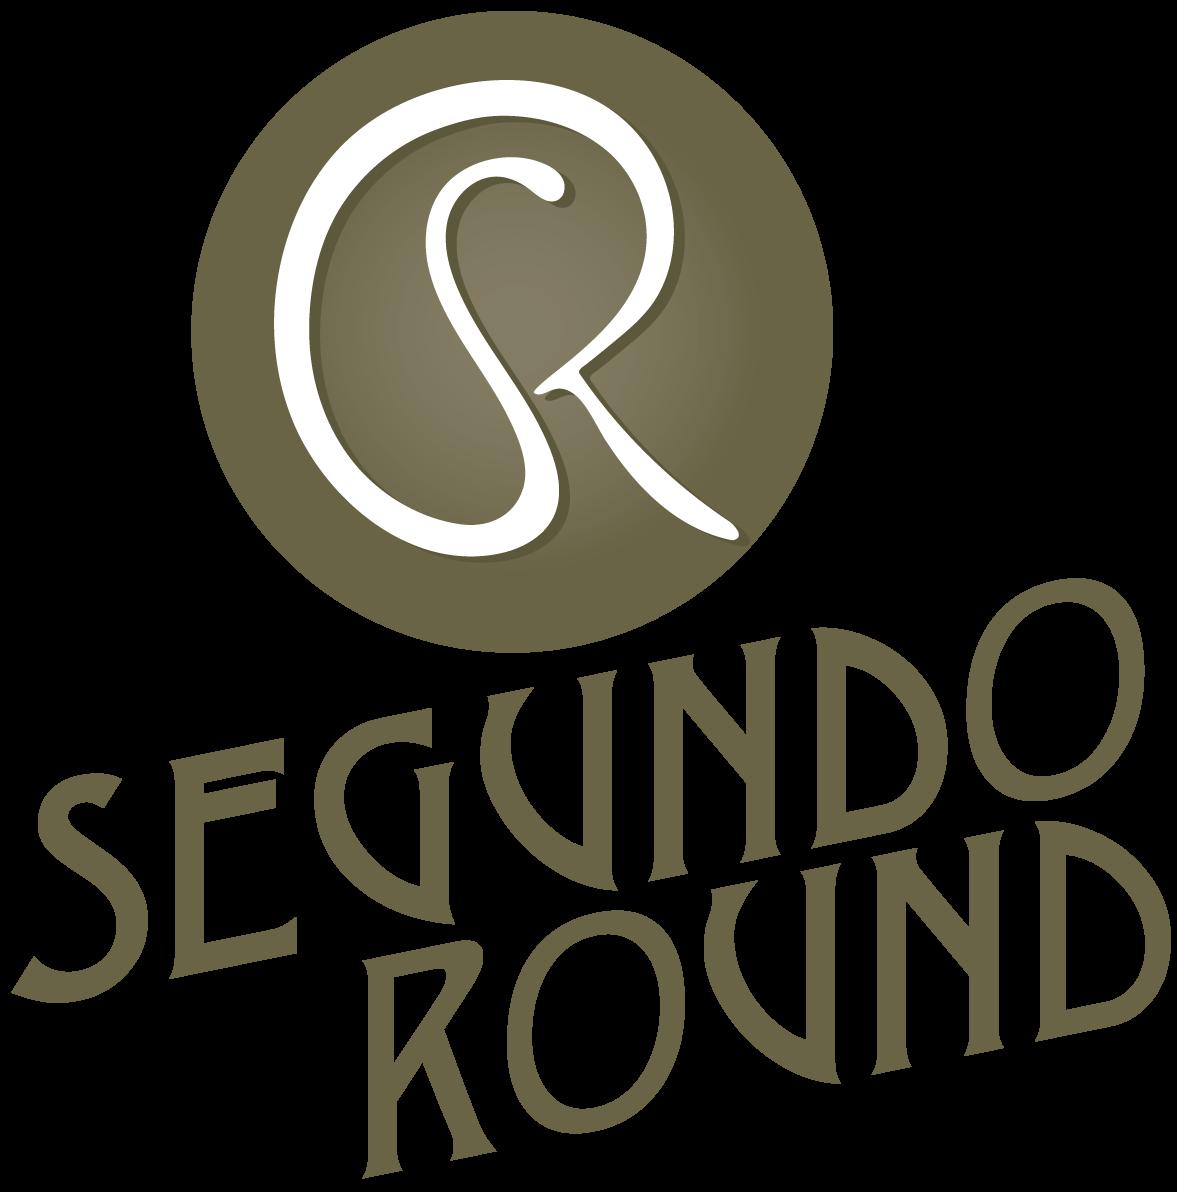 SEGUNDO-R 2